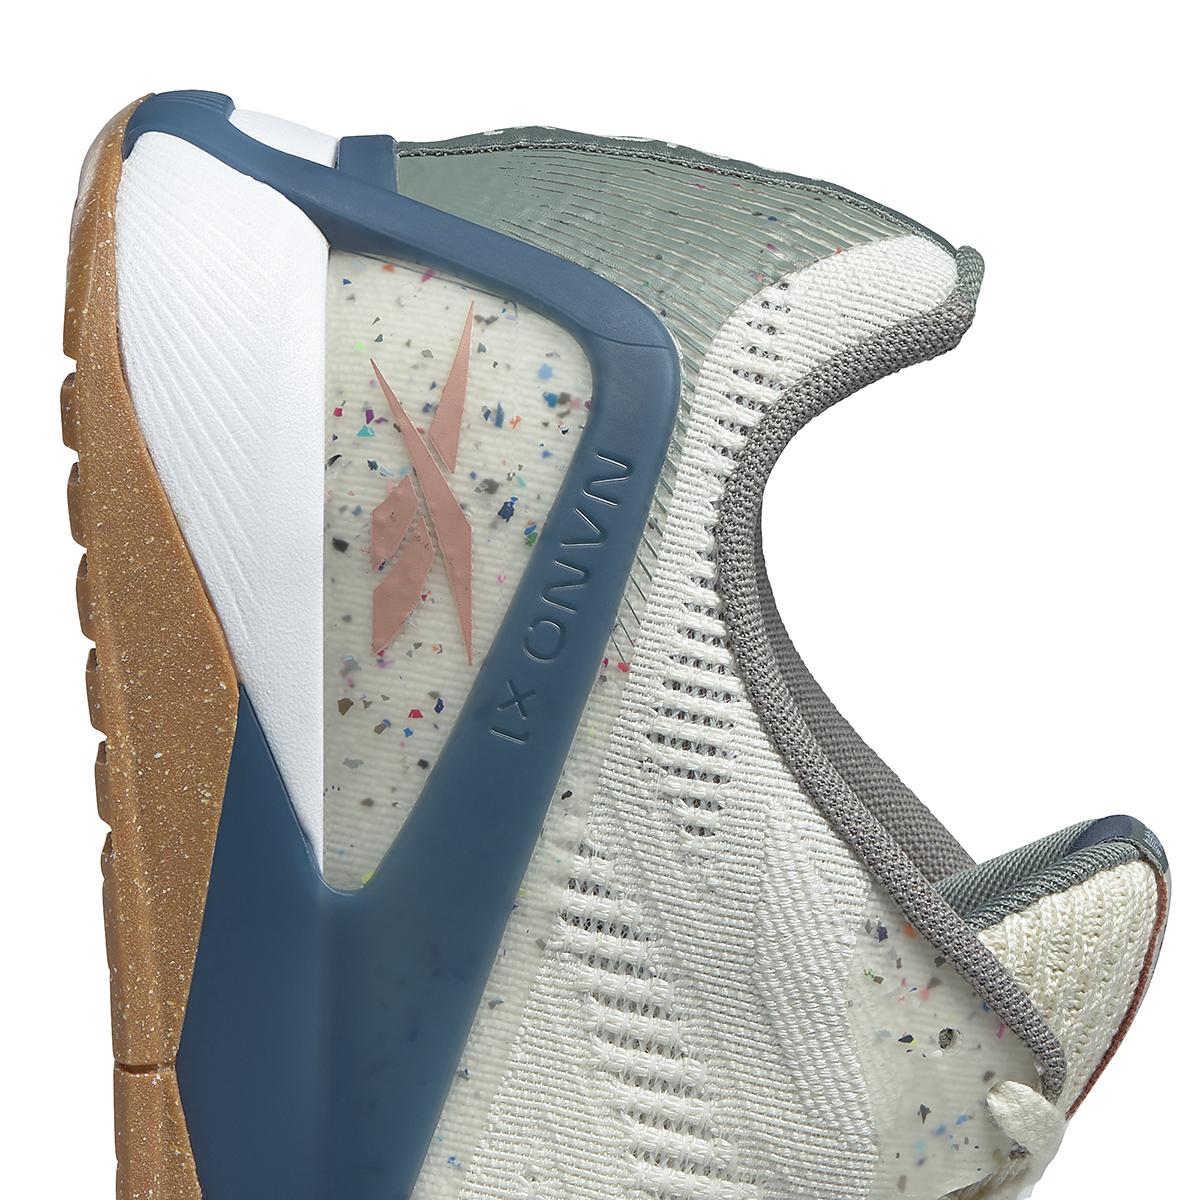 Men's Reebok Nano X1 Vegan Training Shoe - Color: Classic White/Harmony Green/Brave Blue - Size: 7.5 - Width: Regular, Classic White/Harmony Green/Brave Blue, large, image 4